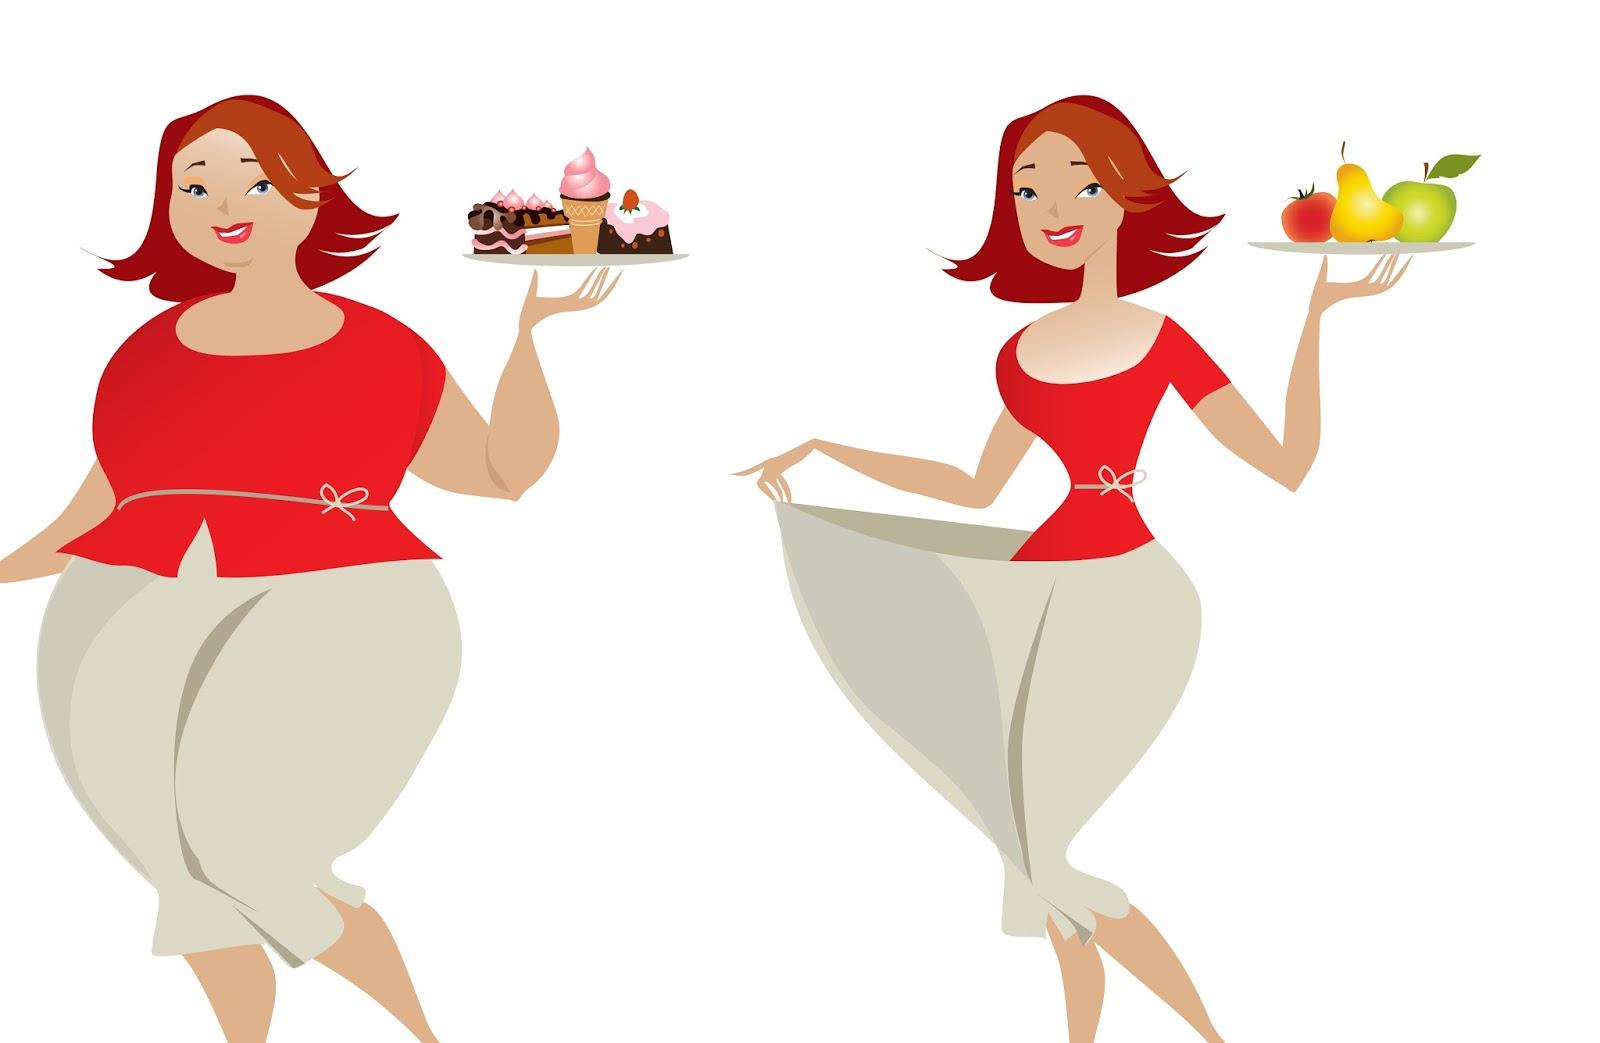 الوزن الزائد